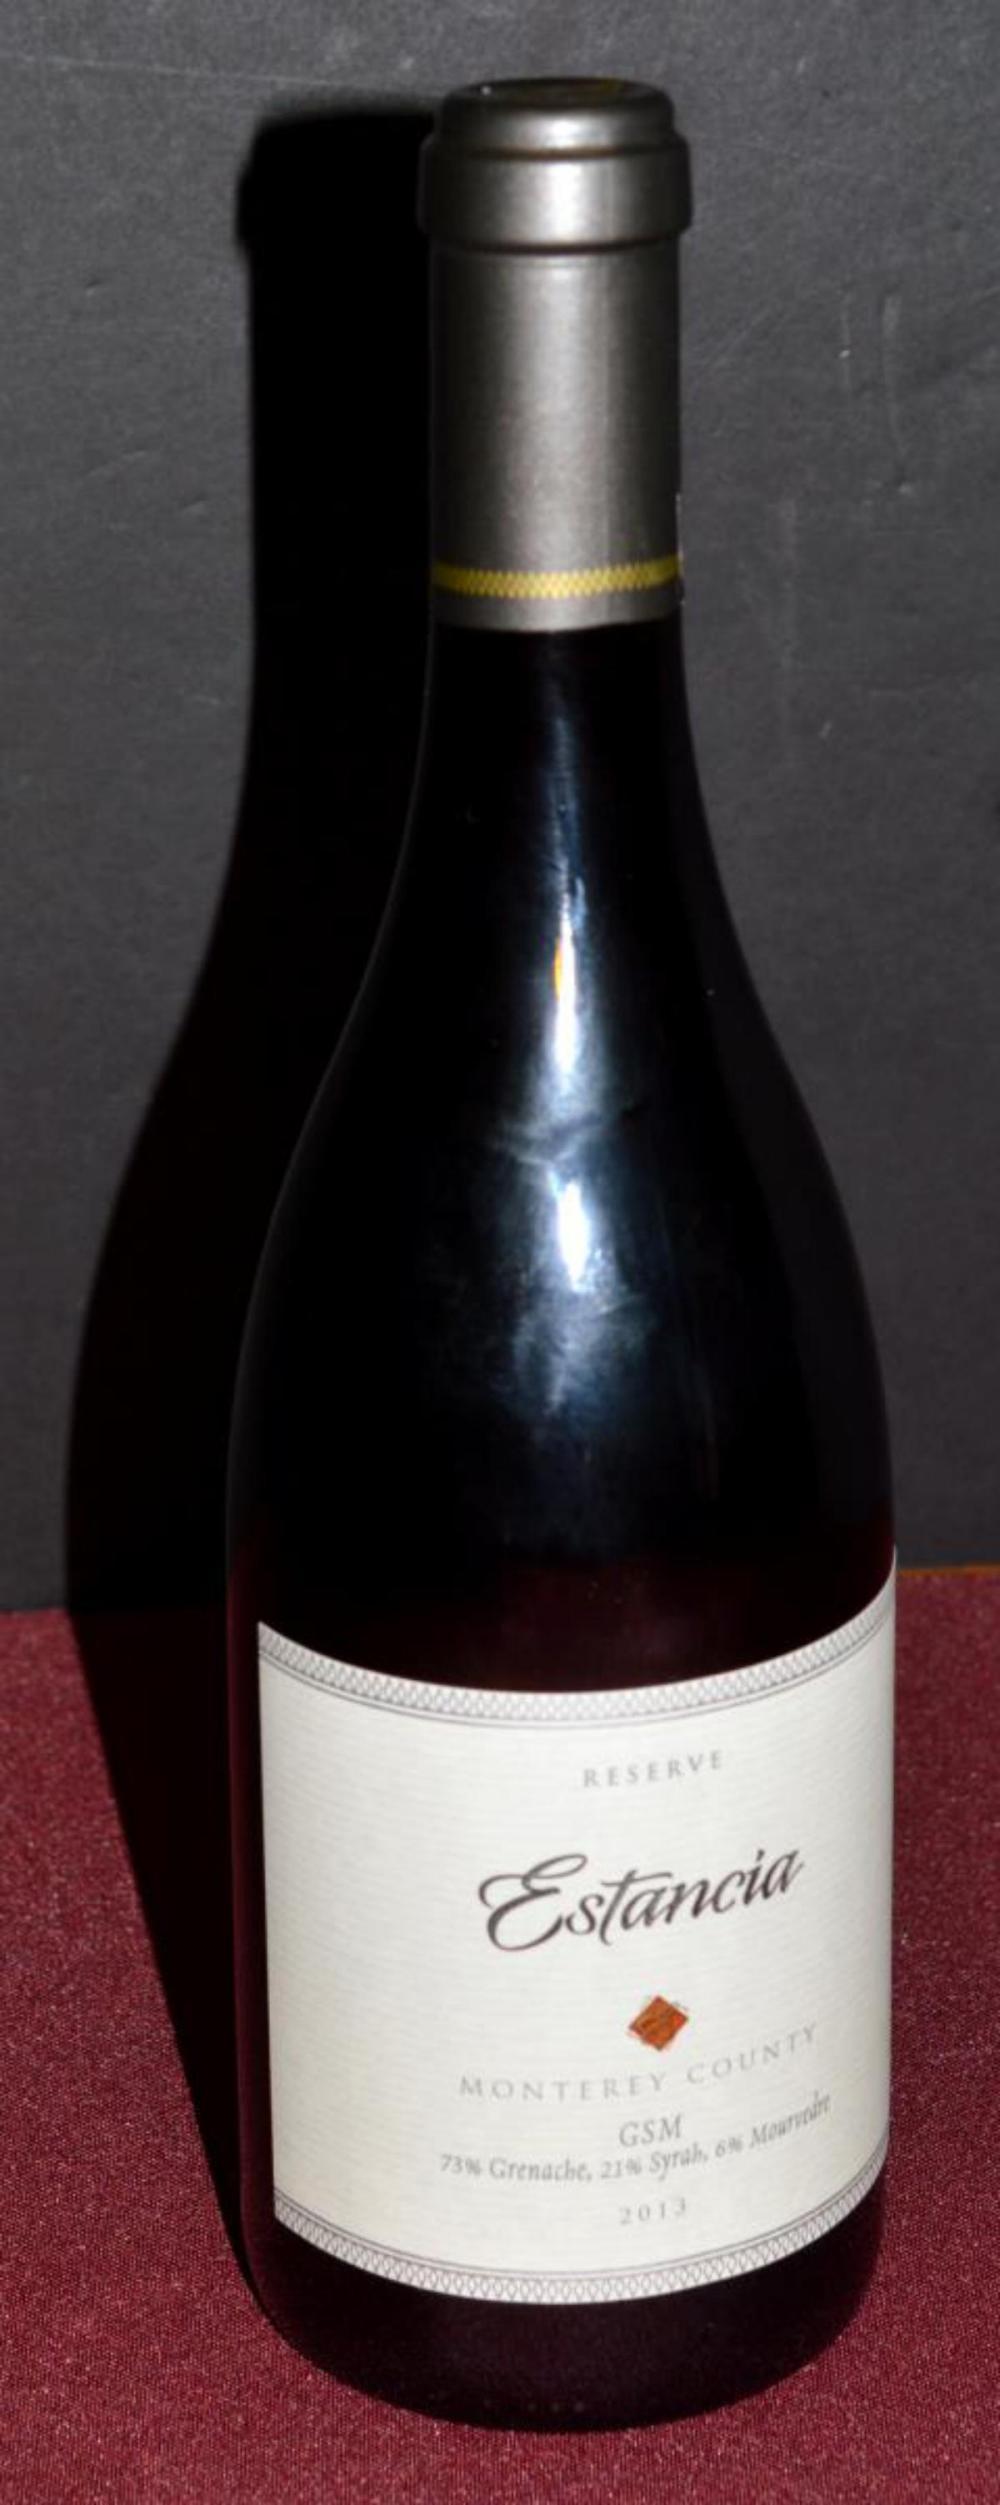 Estancia Reserve 2013 Uniquely Blended Wine